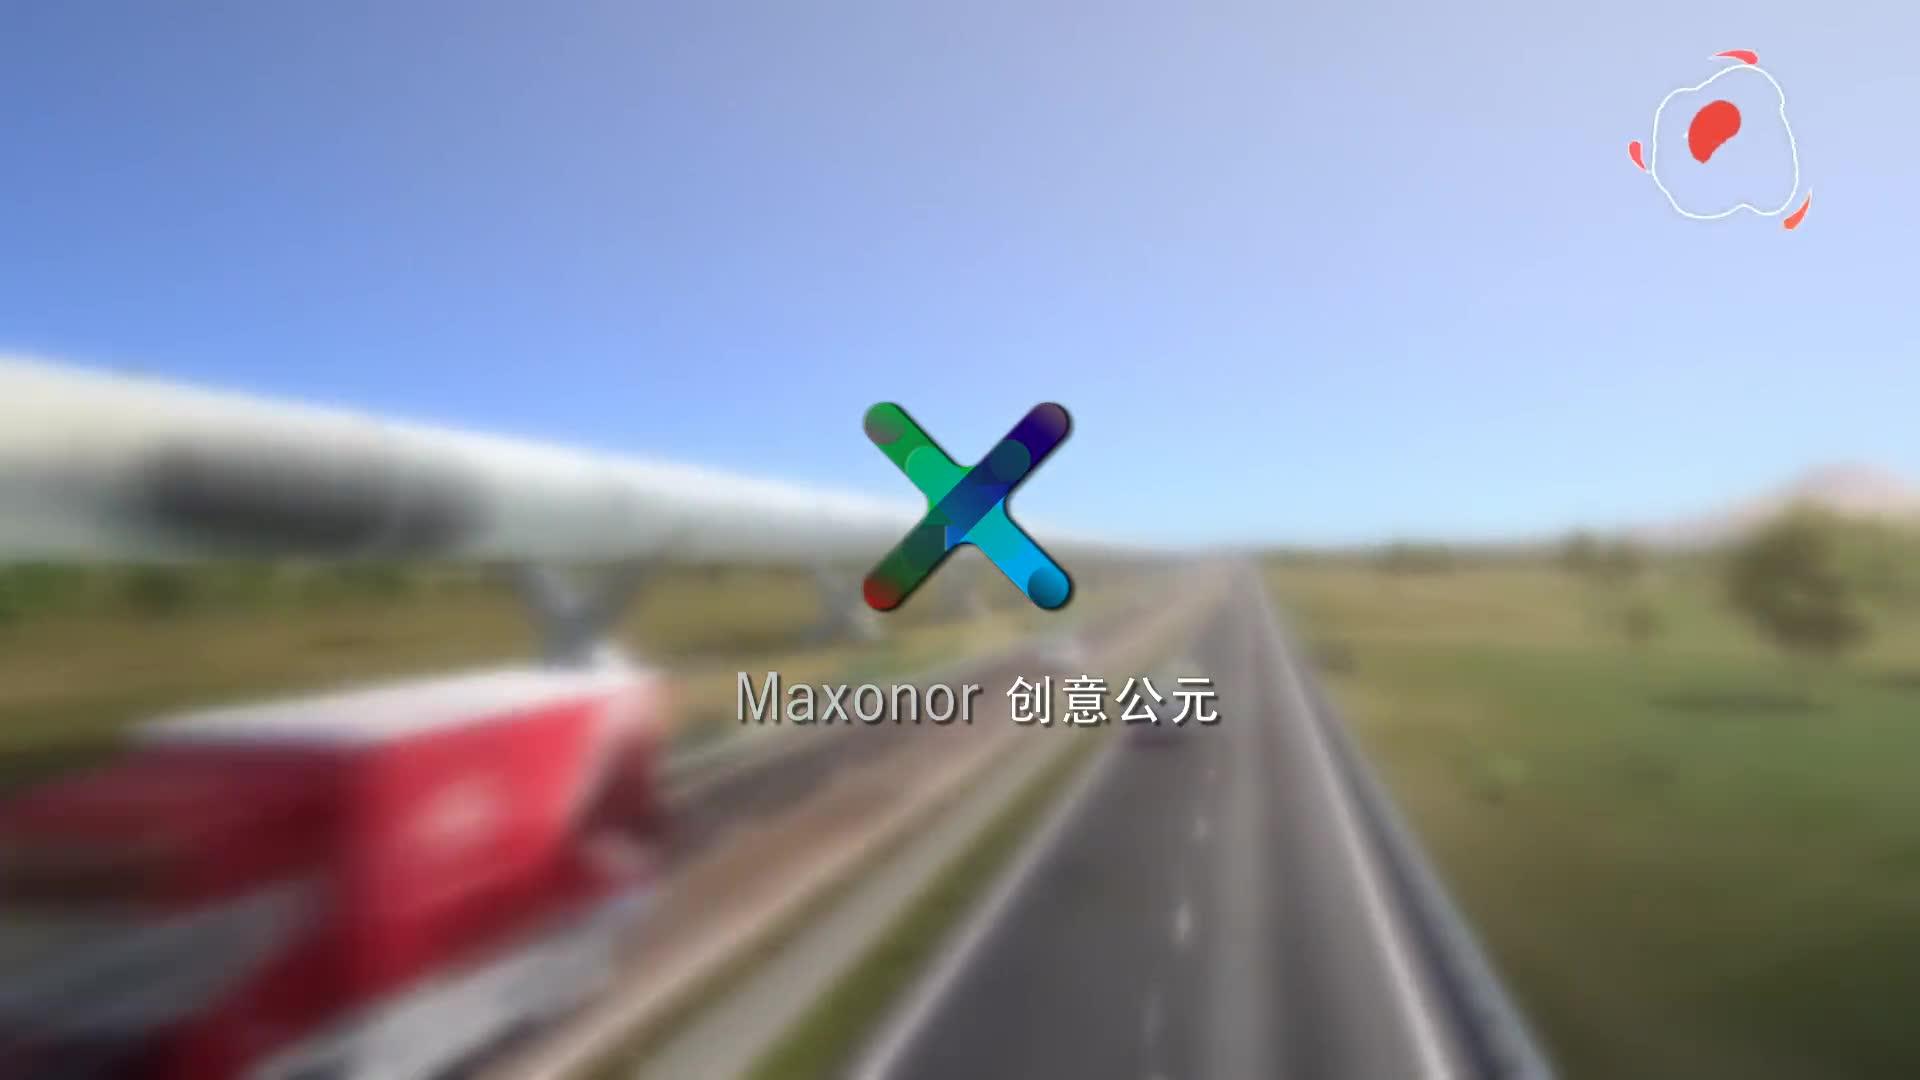 中国高铁将提速1200公里,北京到上海仅1小时,已在贵州签约